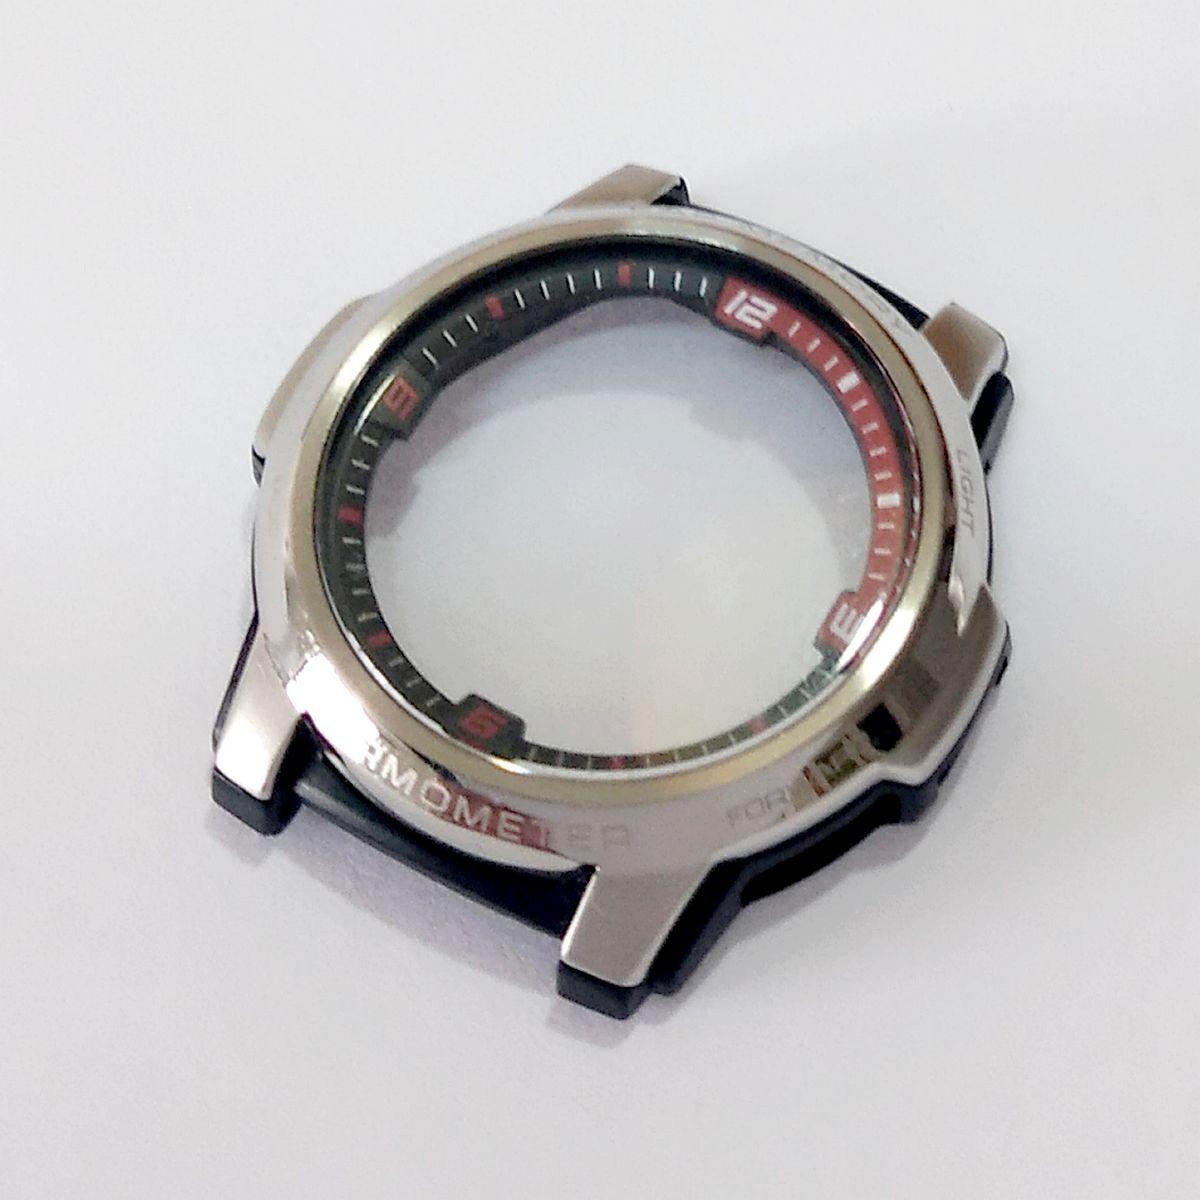 Caixa Completa Relógio Casio Aqf-102wd-1a - Peça Original  - E-Presentes